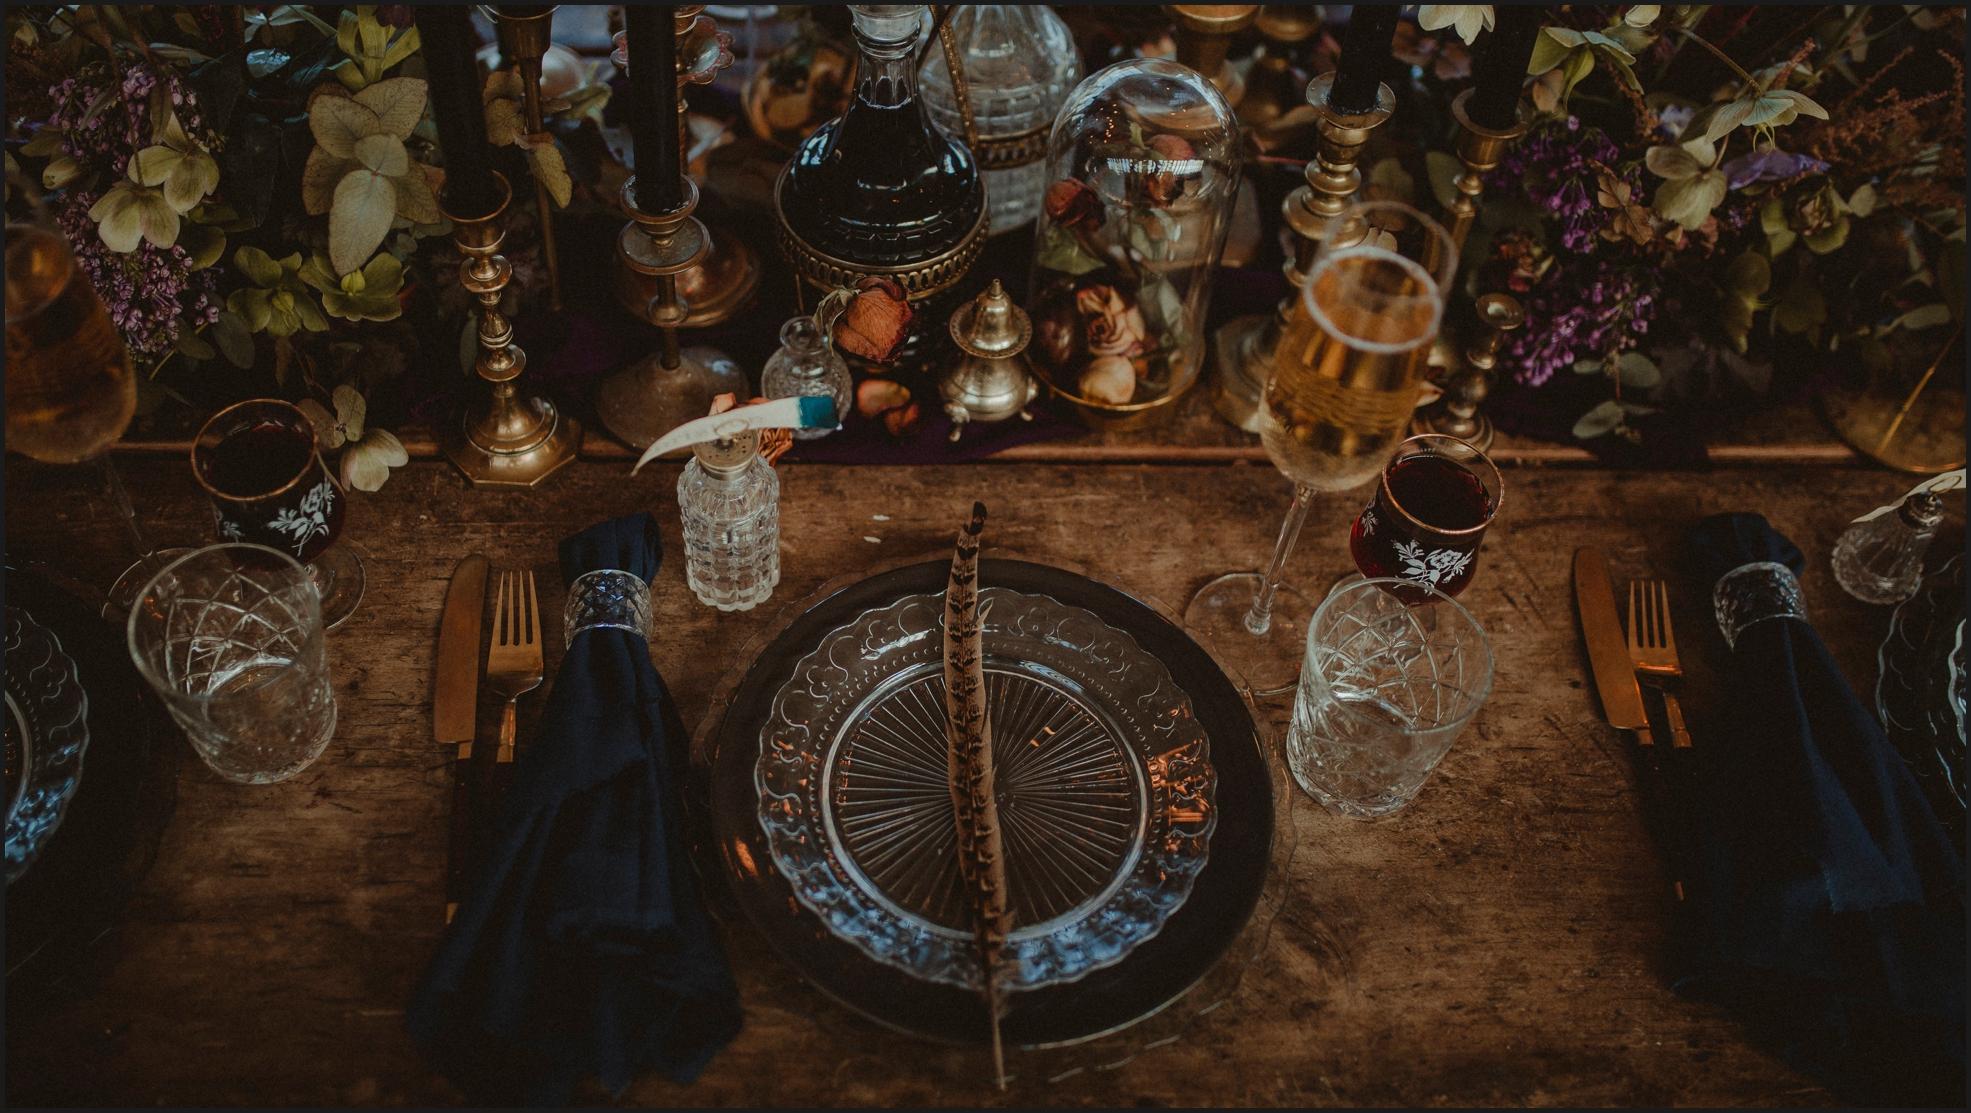 wedding setup, table setup, gothic wedding